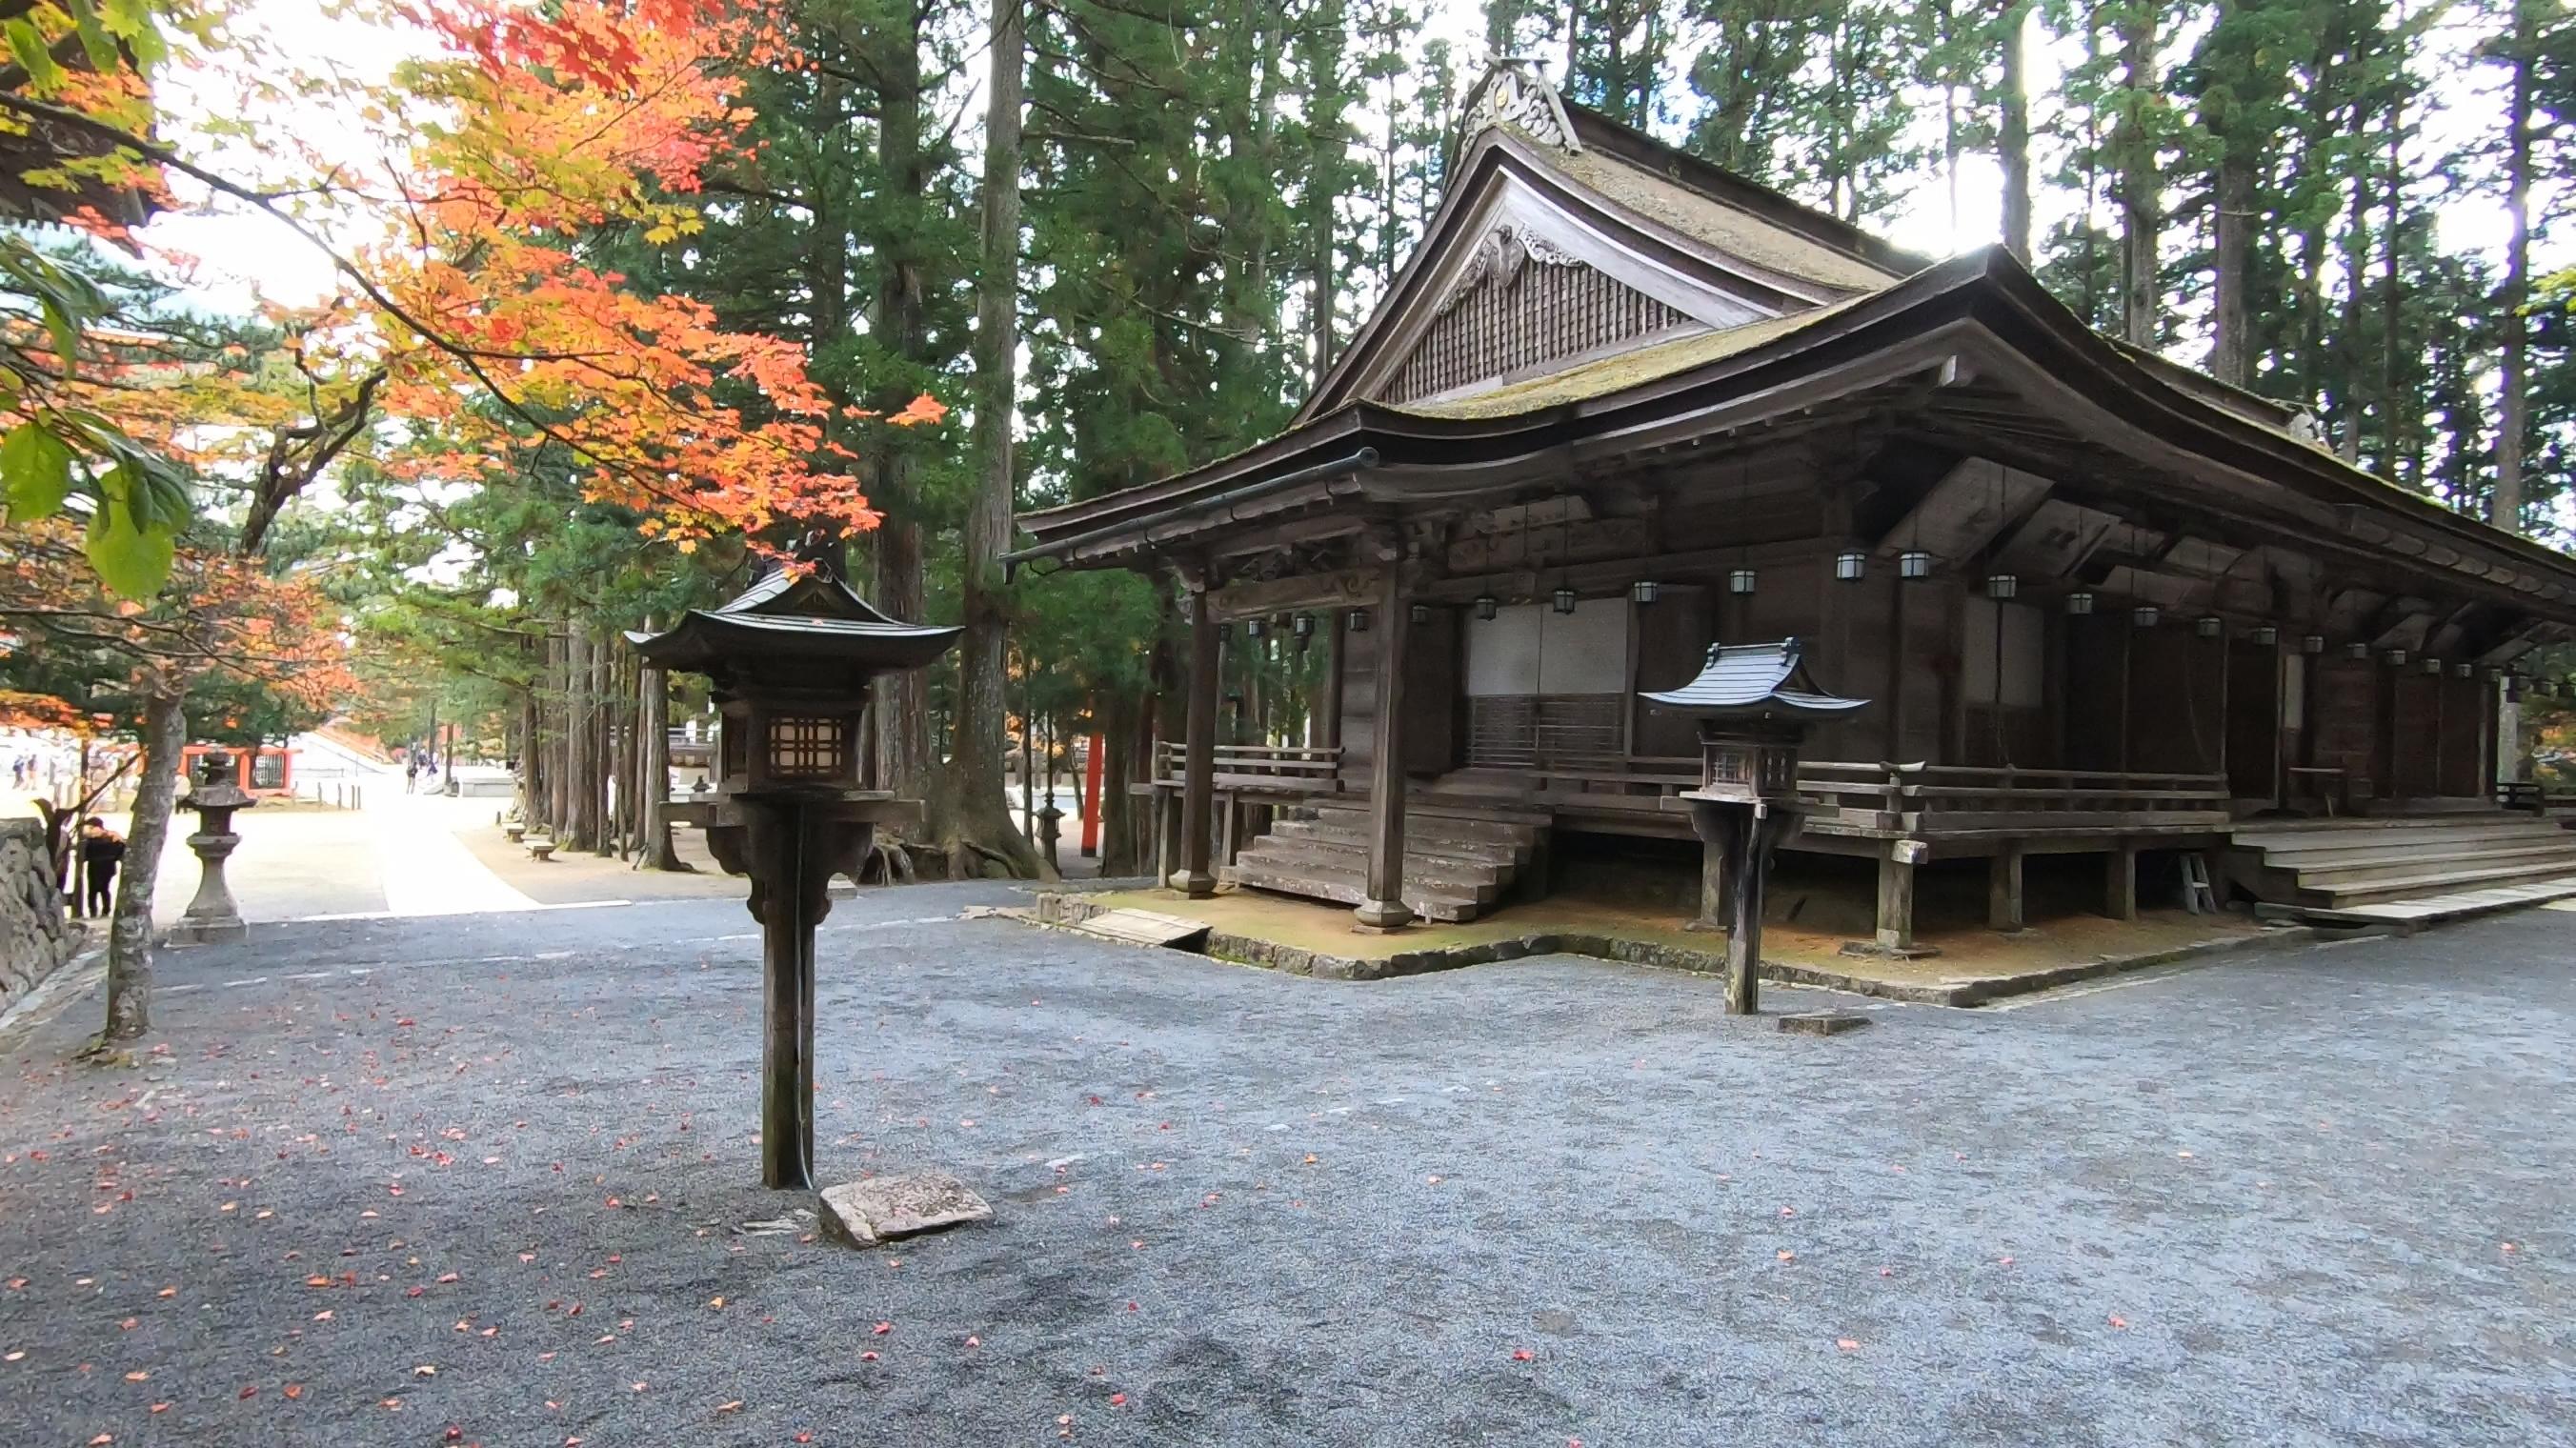 GH011848 関西でいち早く紅葉に染まる高野山へカメラ旅!